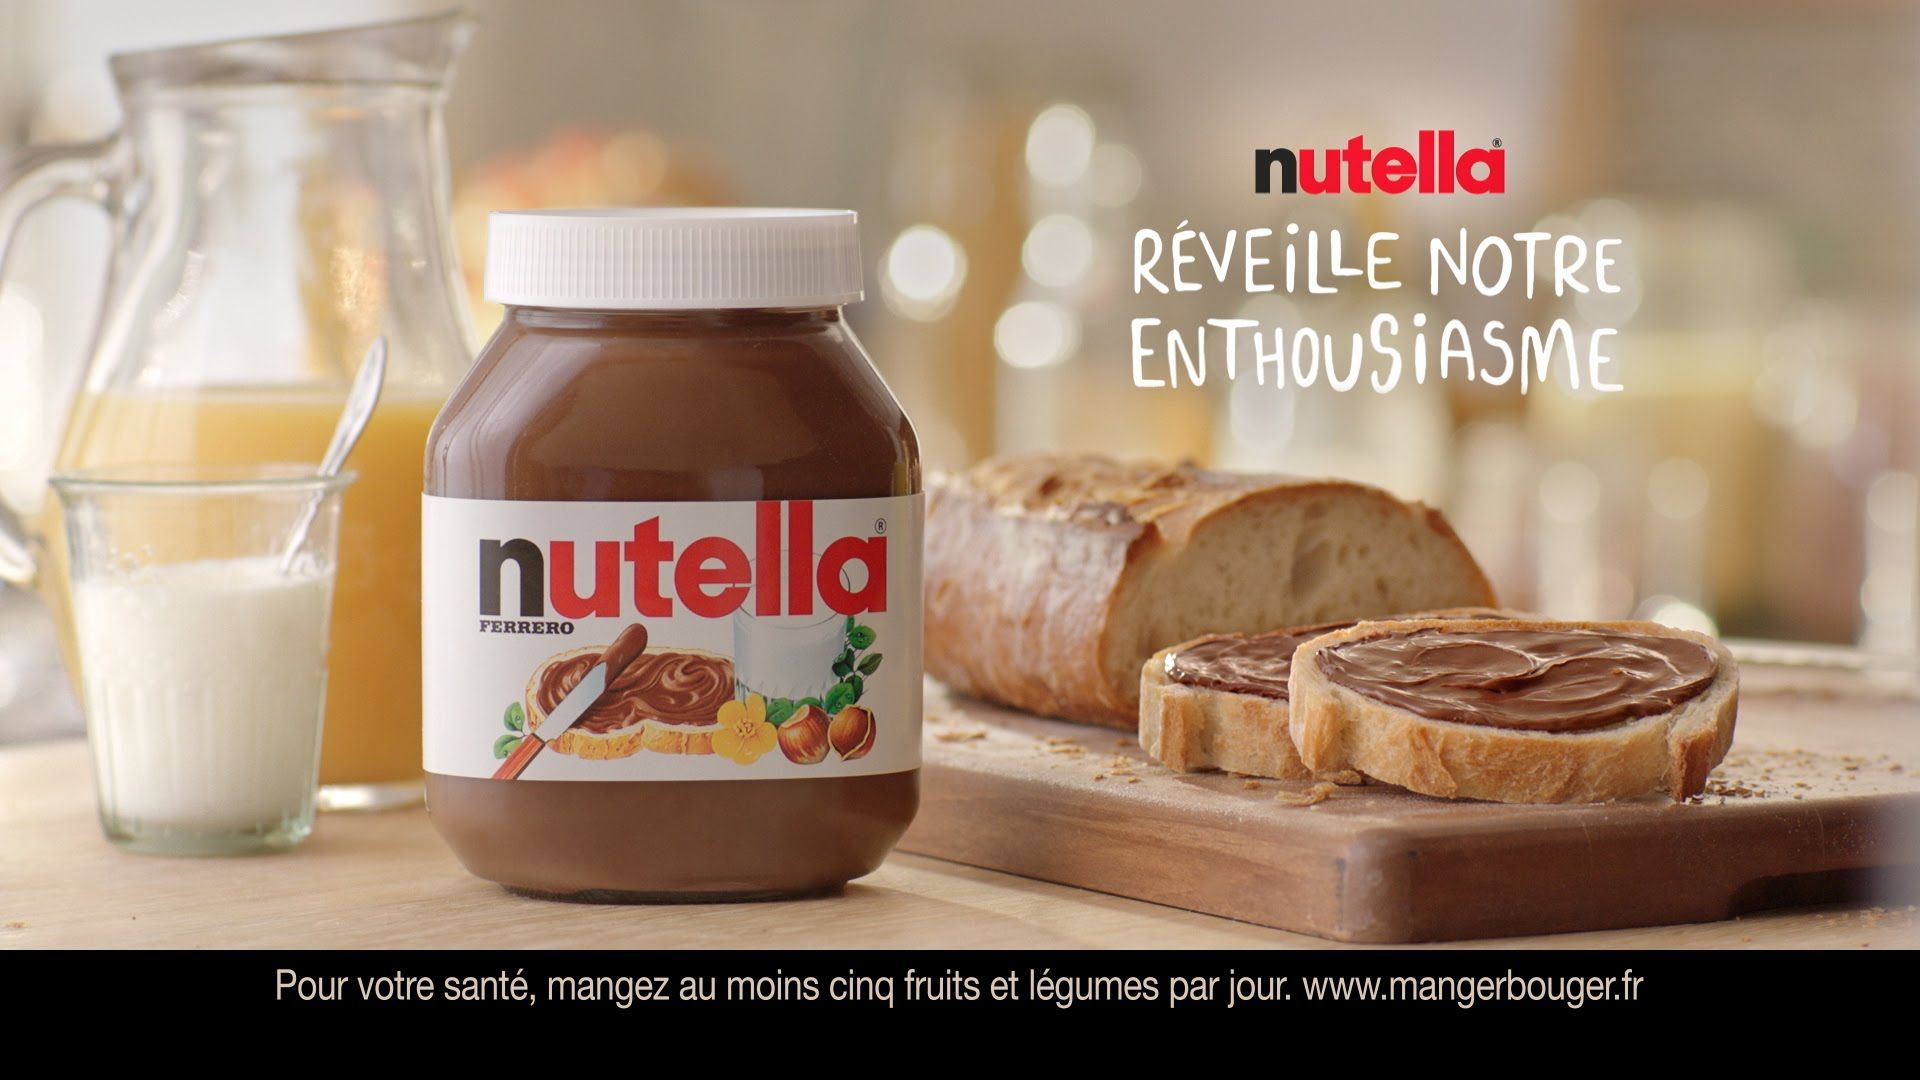 Turbo Nutella, un plaisir unique au petit-déjeuner (publicité 2015  PH88